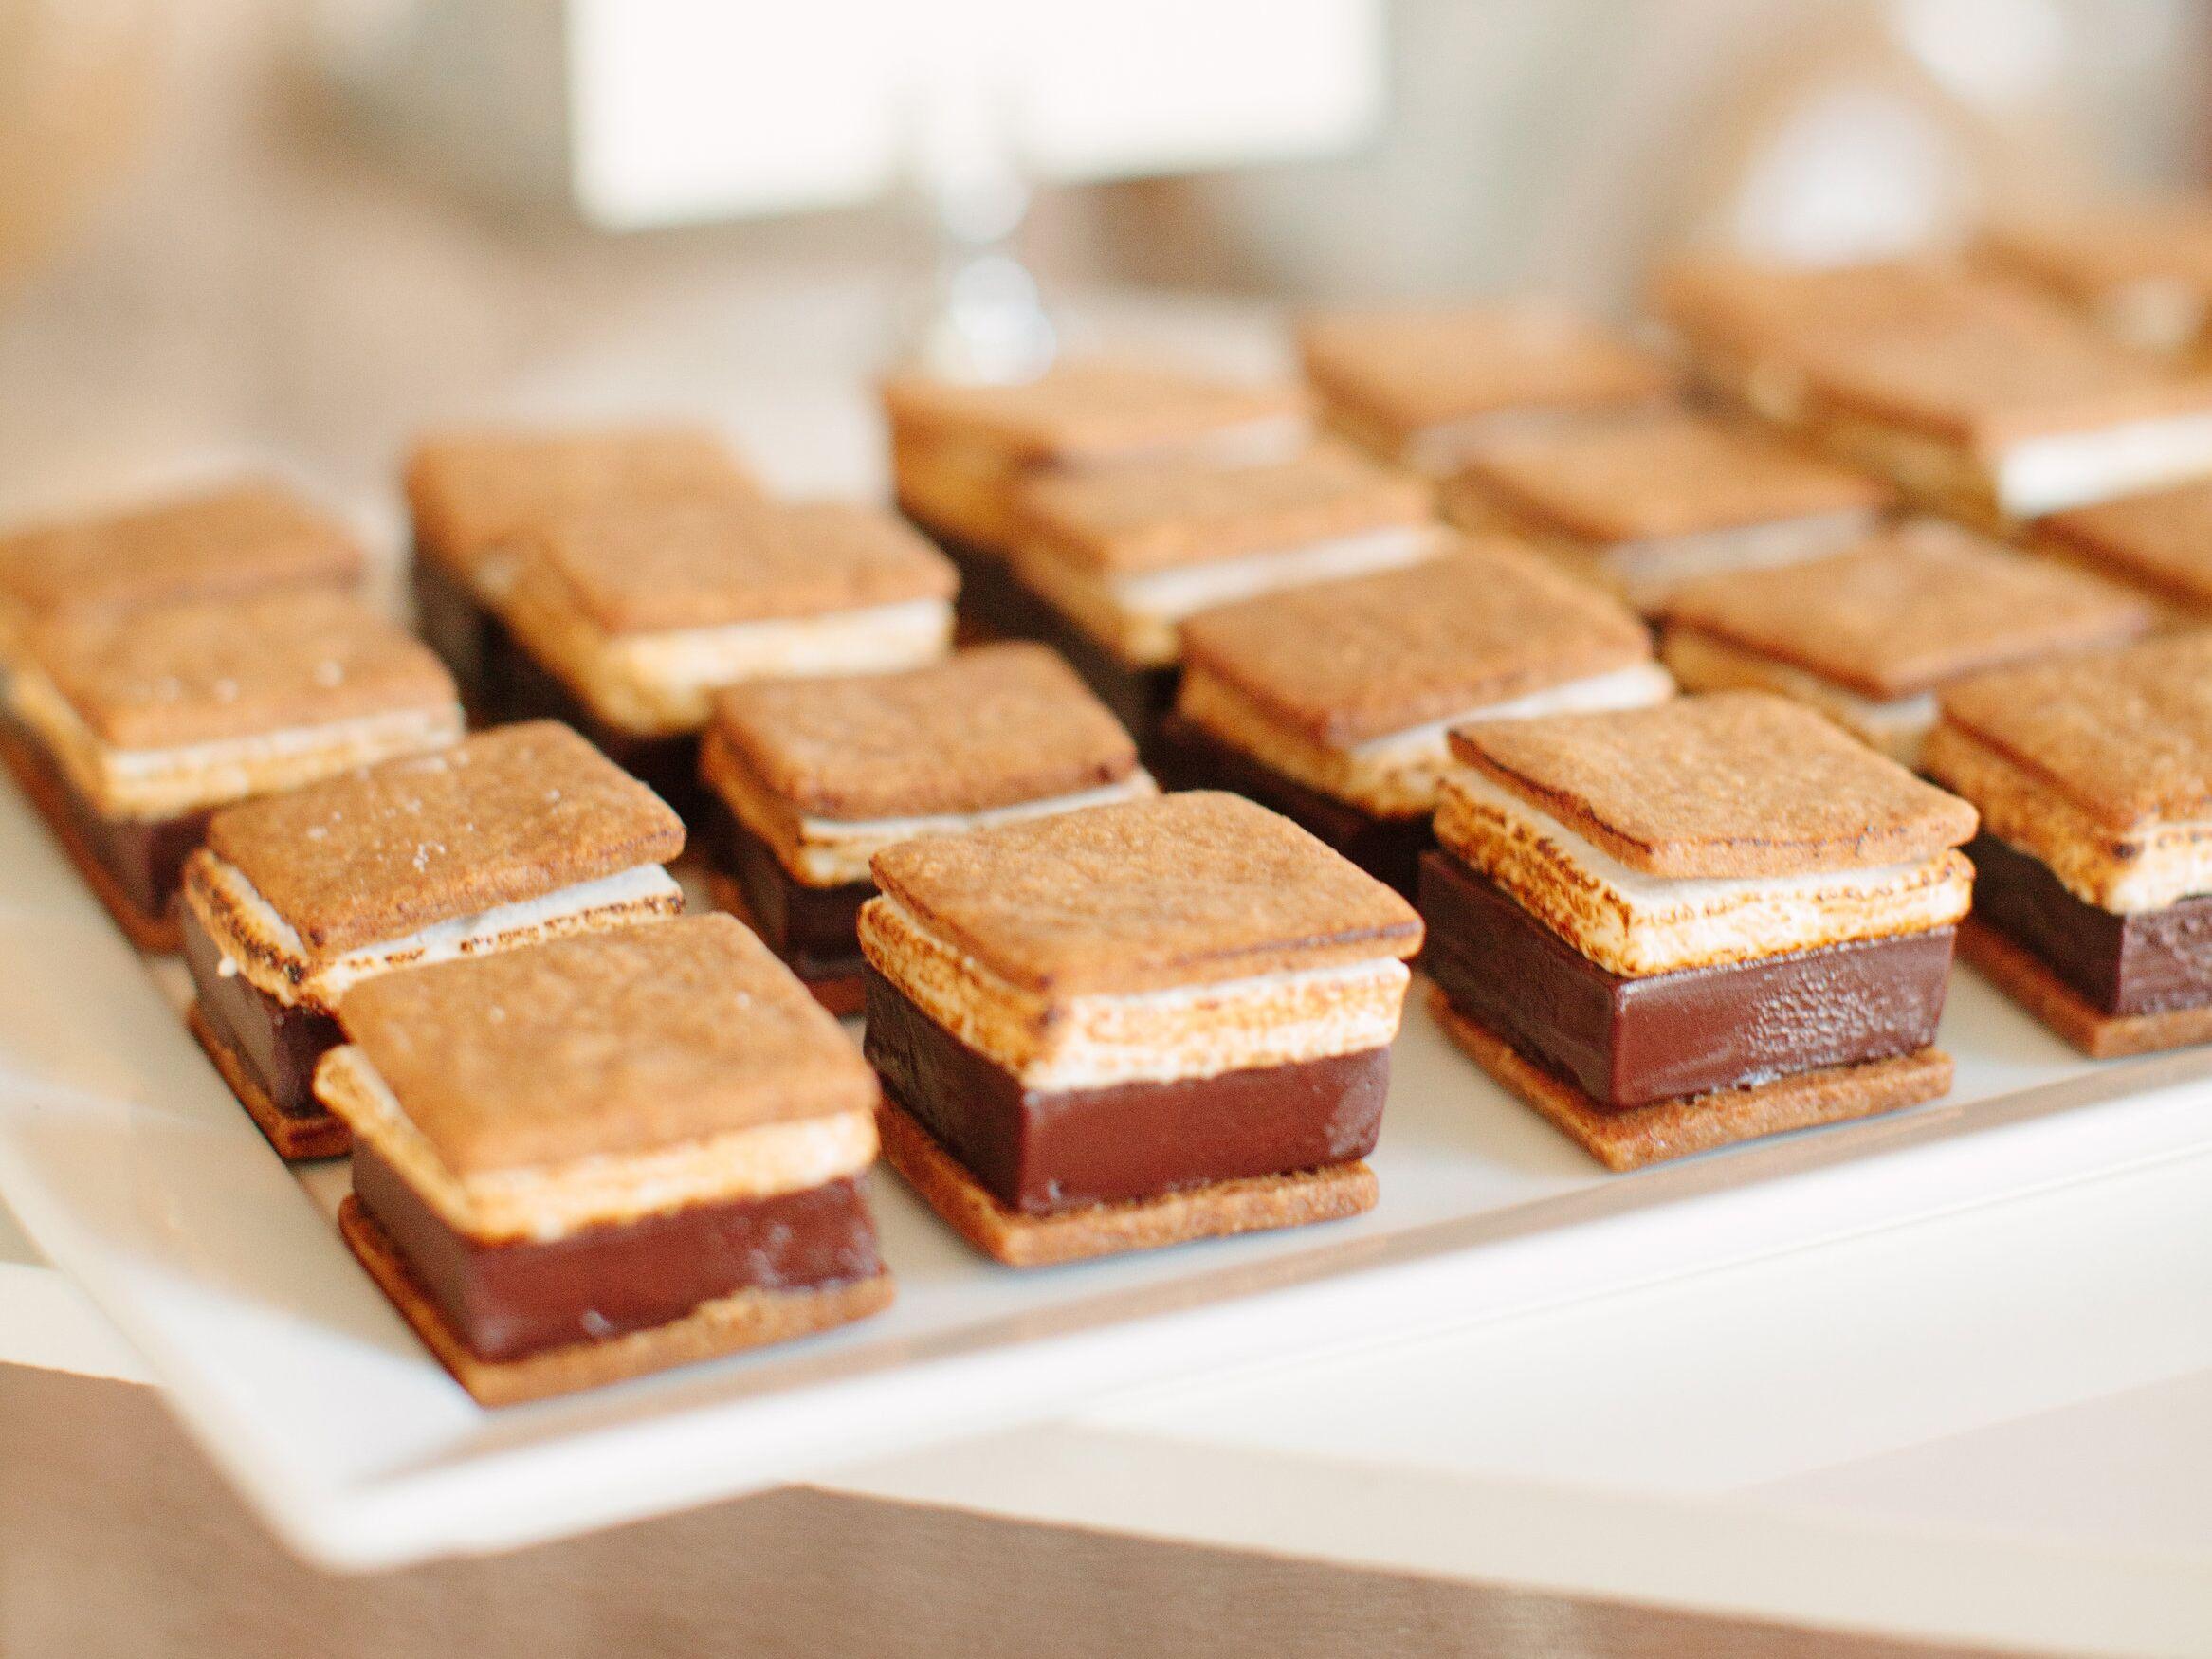 14 Wedding Dessert Ideas (That Aren't Cake!)